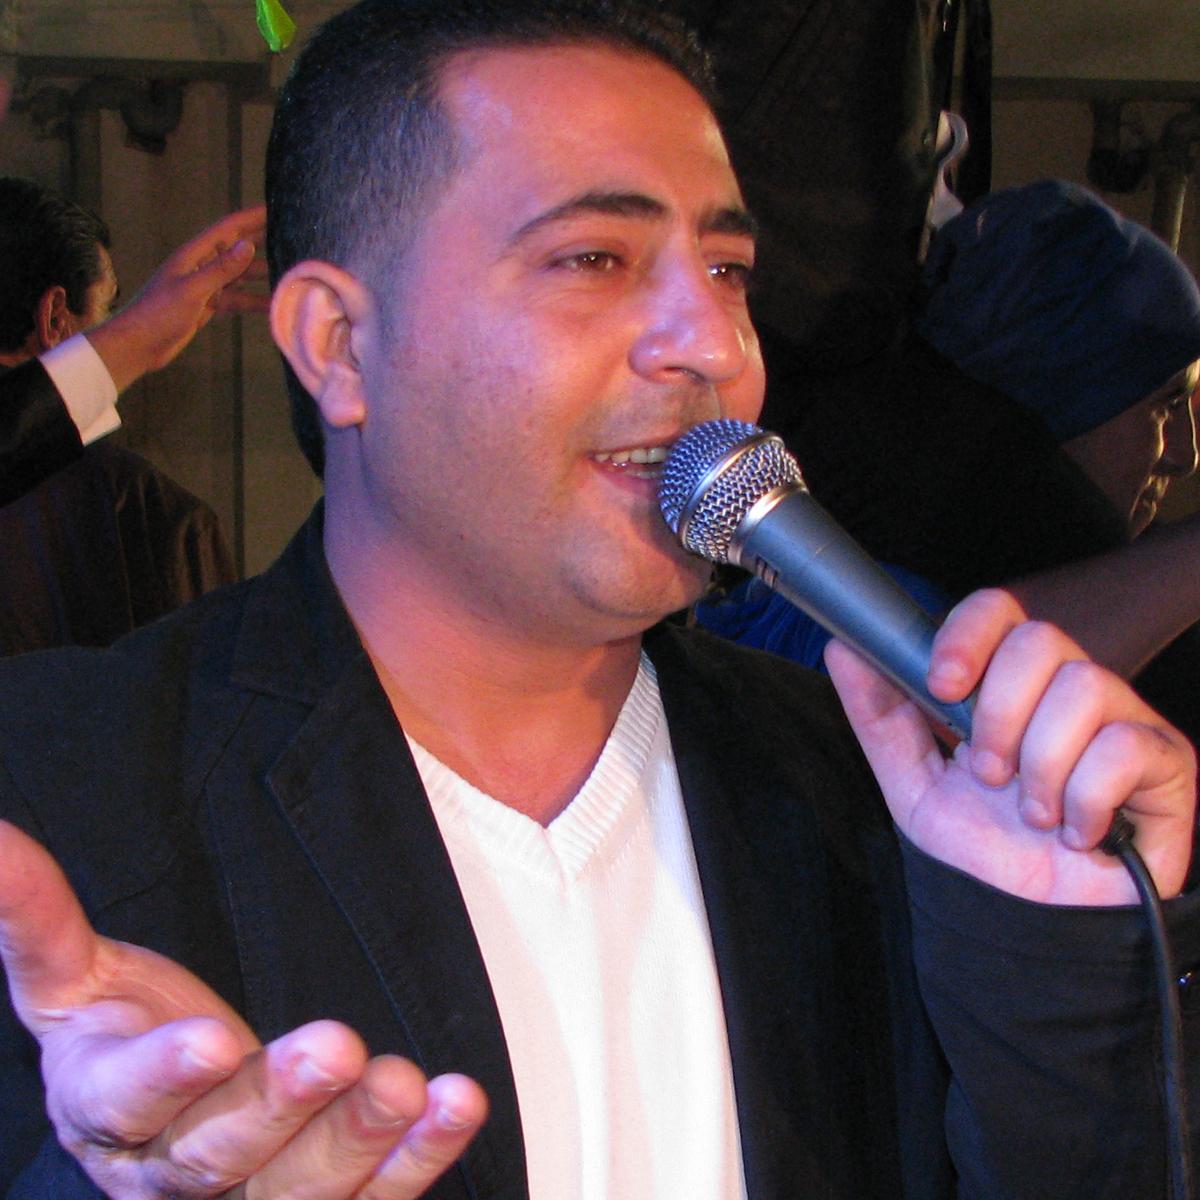 علاء الجلاد استماع و تحميل اغاني  mp3 موقع تسجيلات السويطي